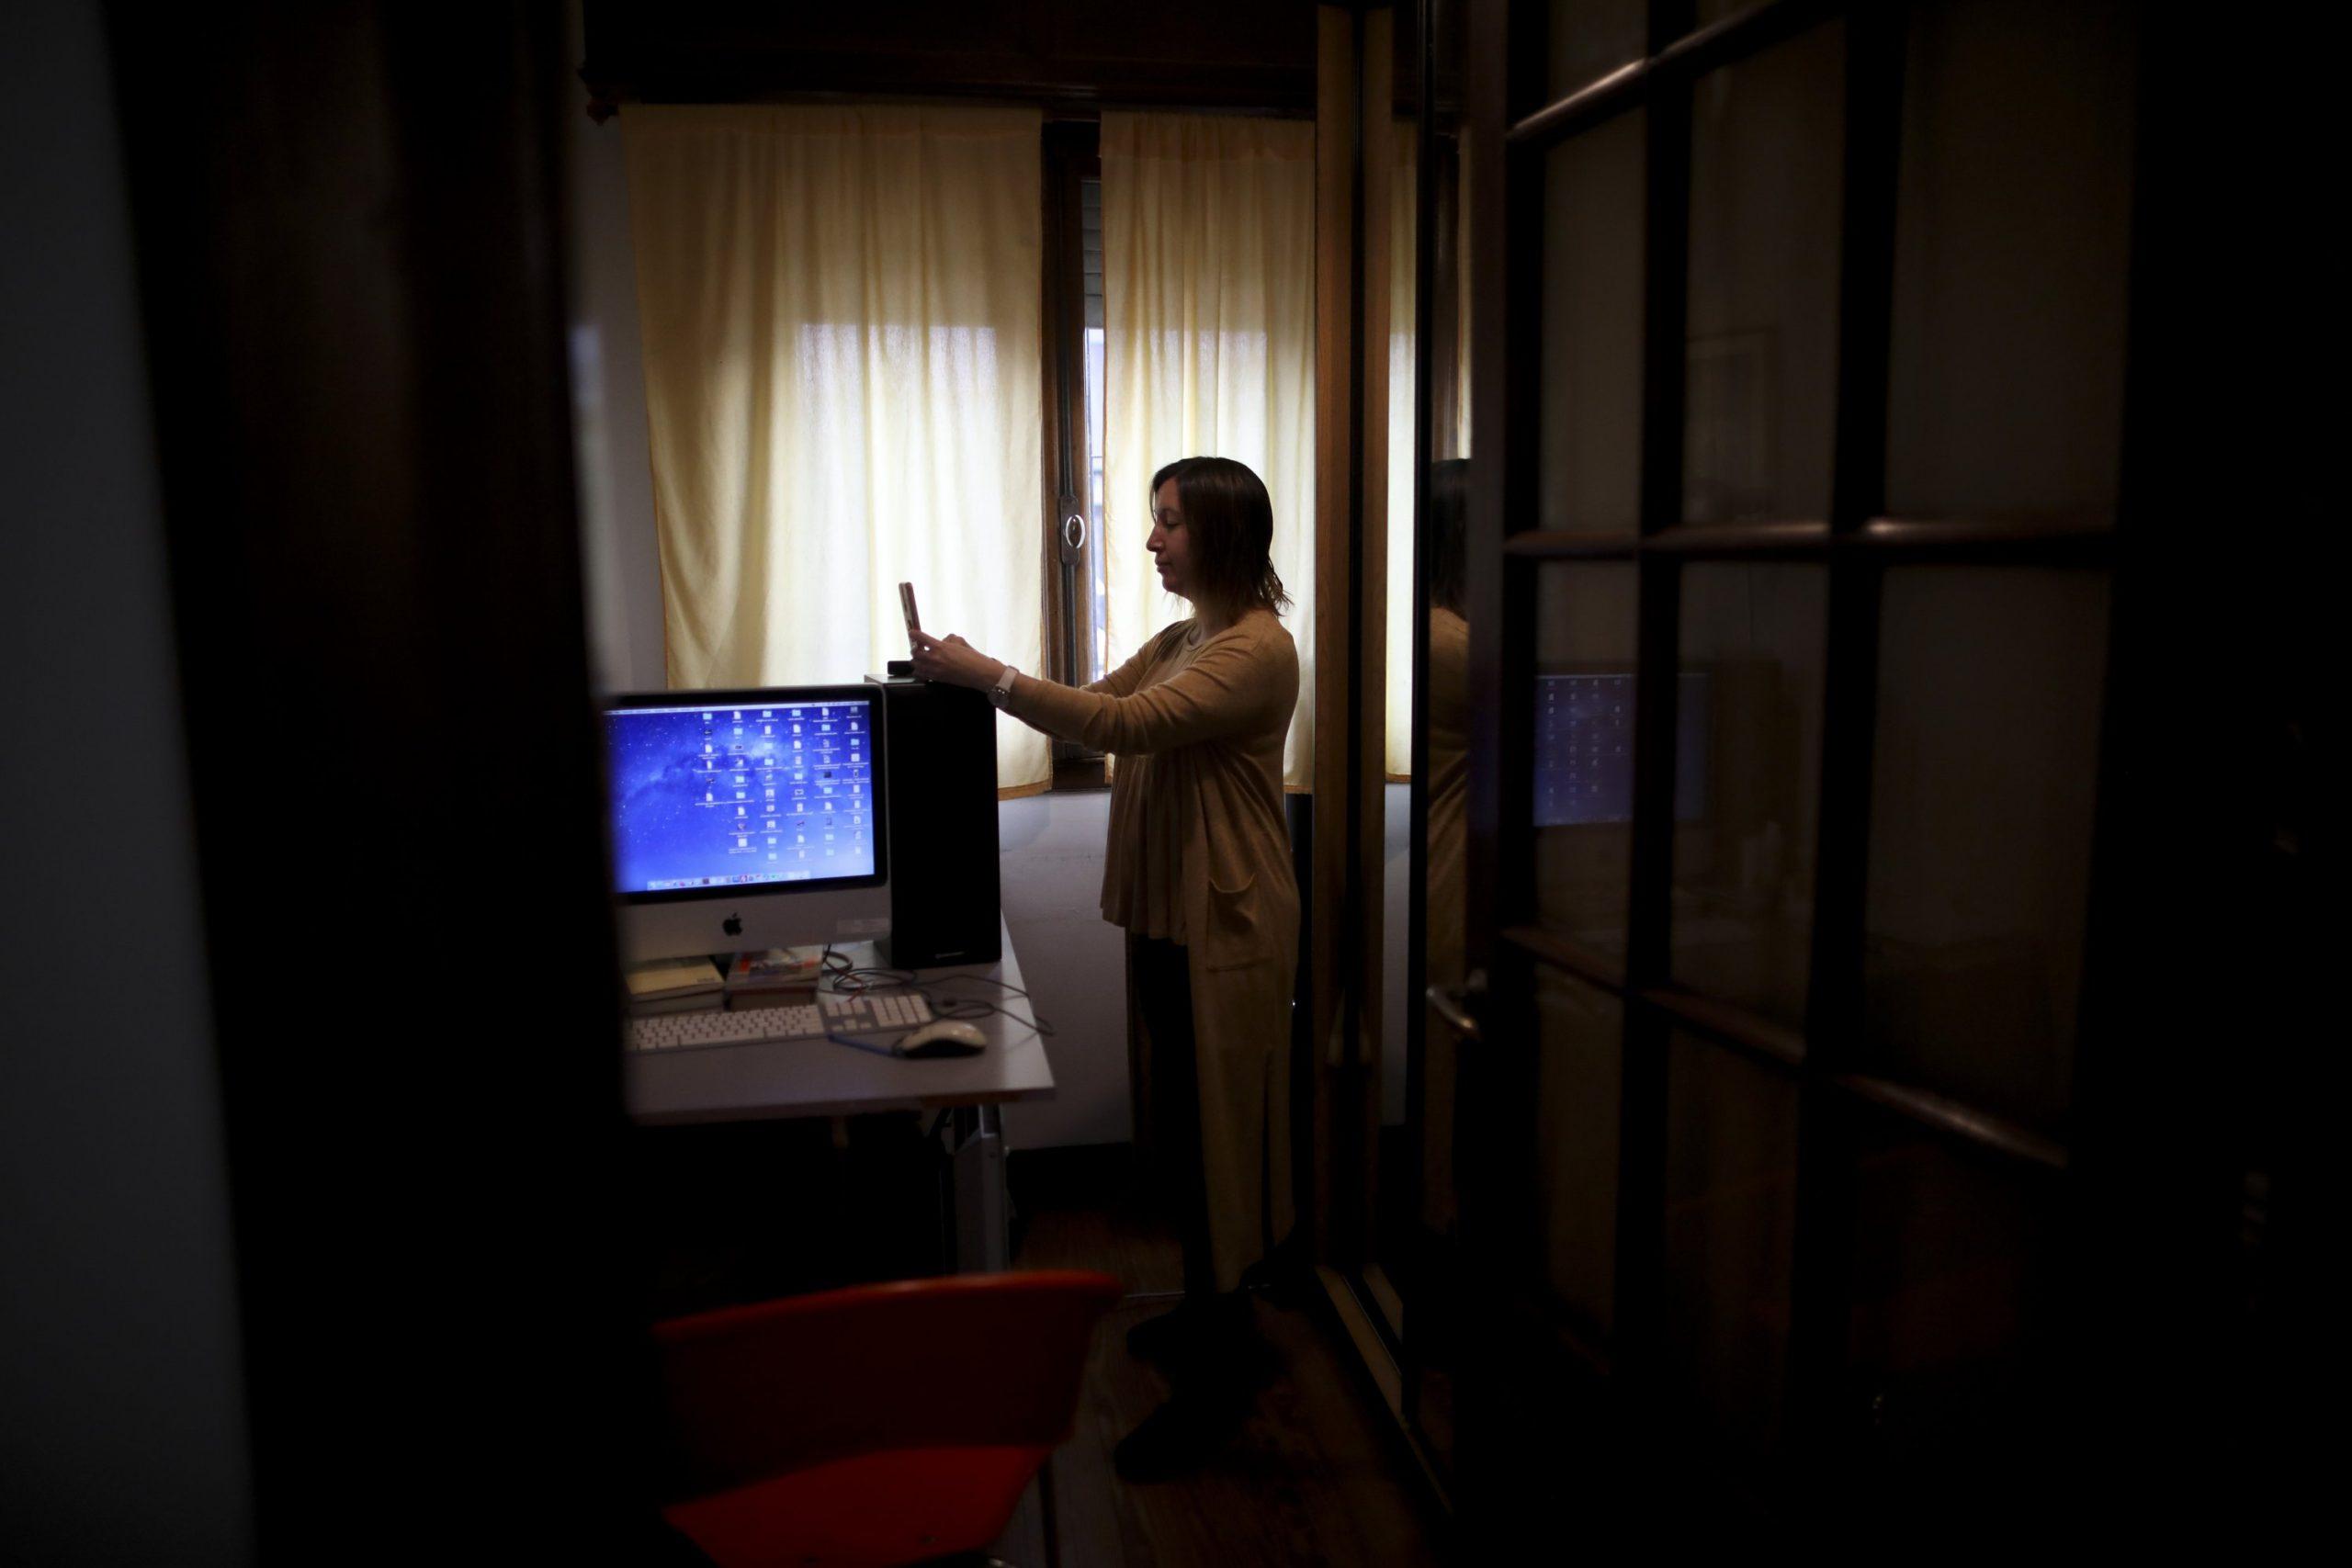 La pandemia plantea desafíos para los argentinos que buscan tratamiento